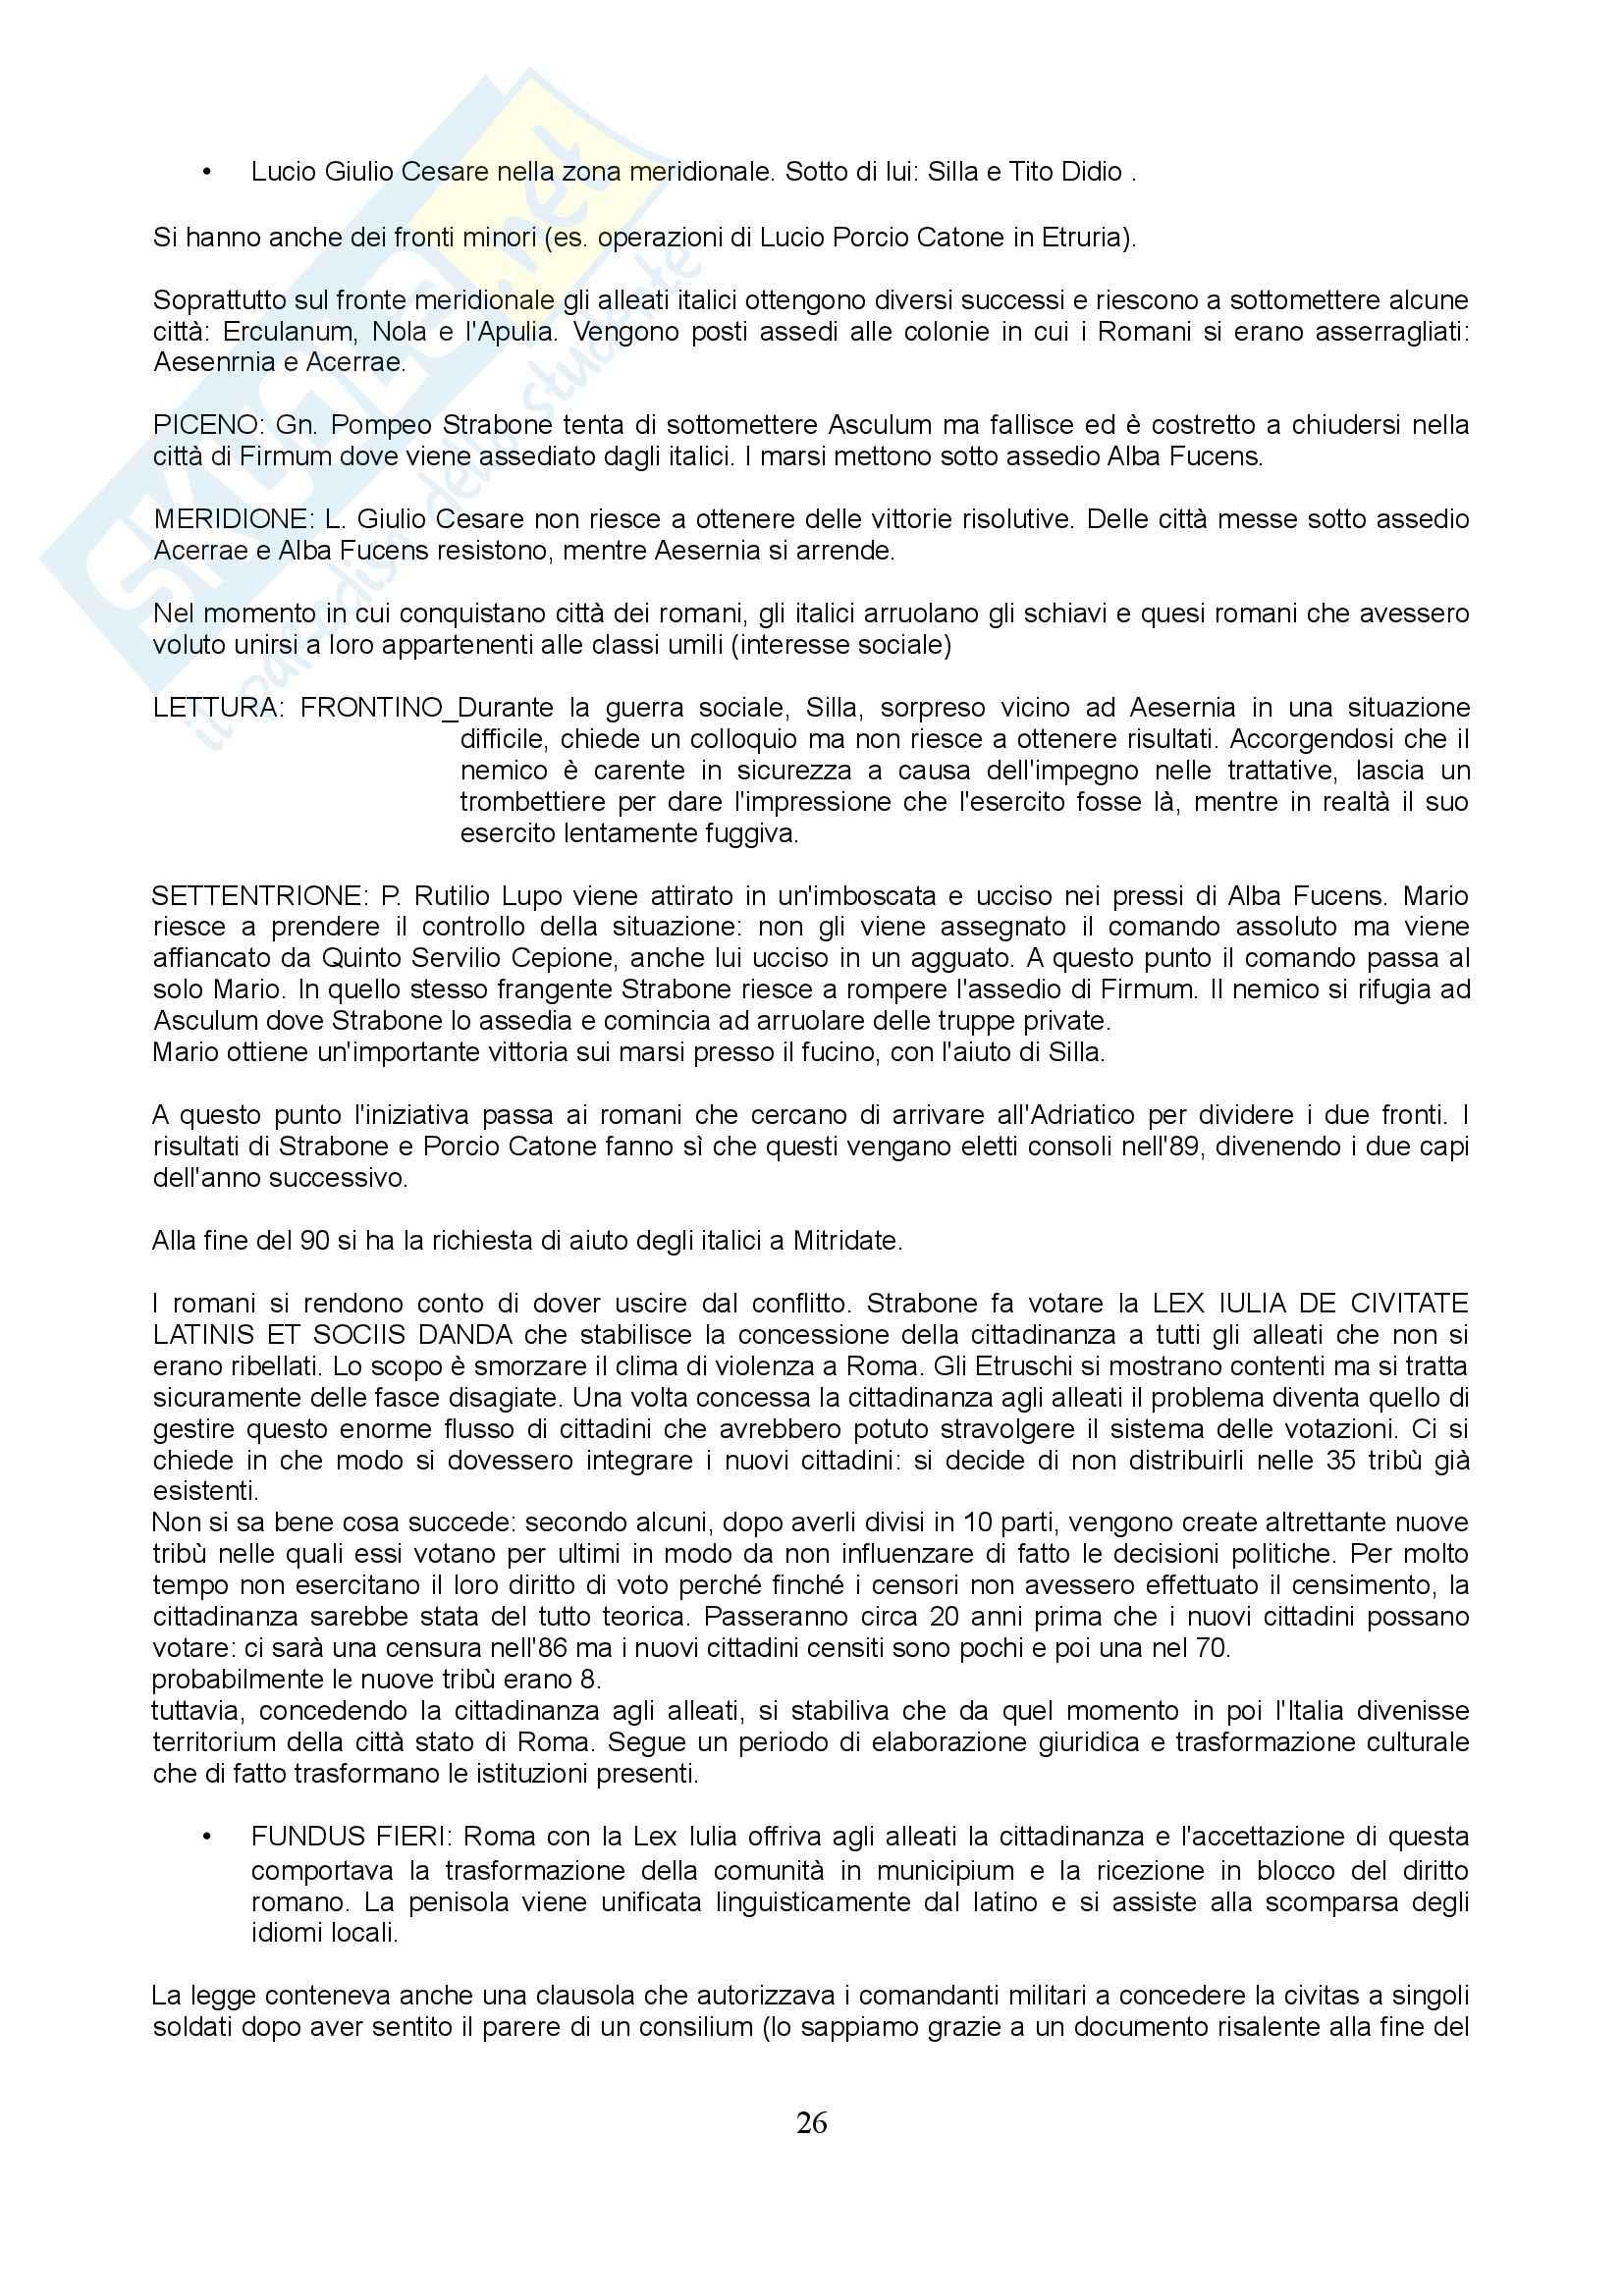 Storia romana 2 - Lucio Cornelio Silla Pag. 26